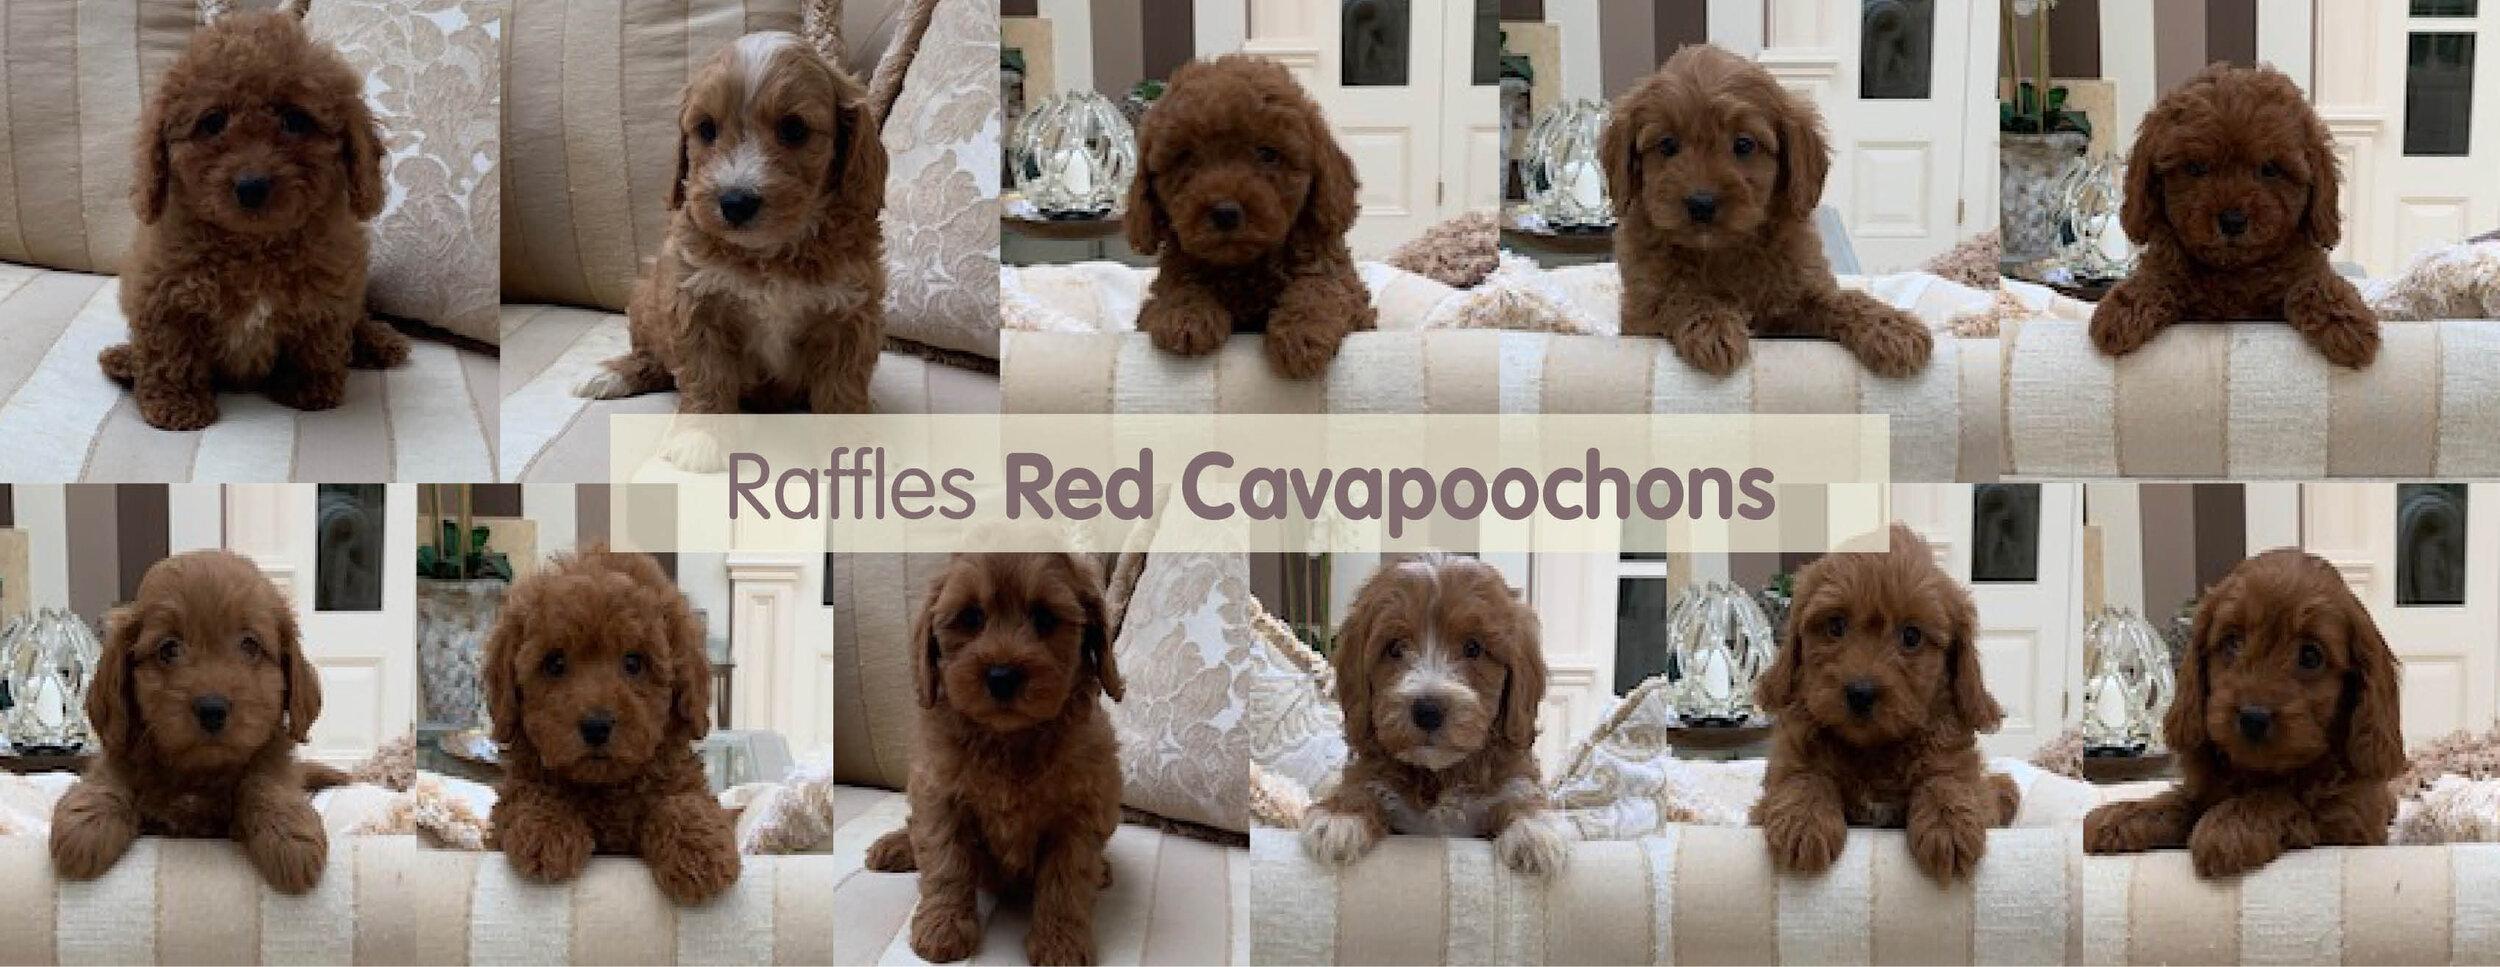 Red Cavapoochon Timeline.jpg